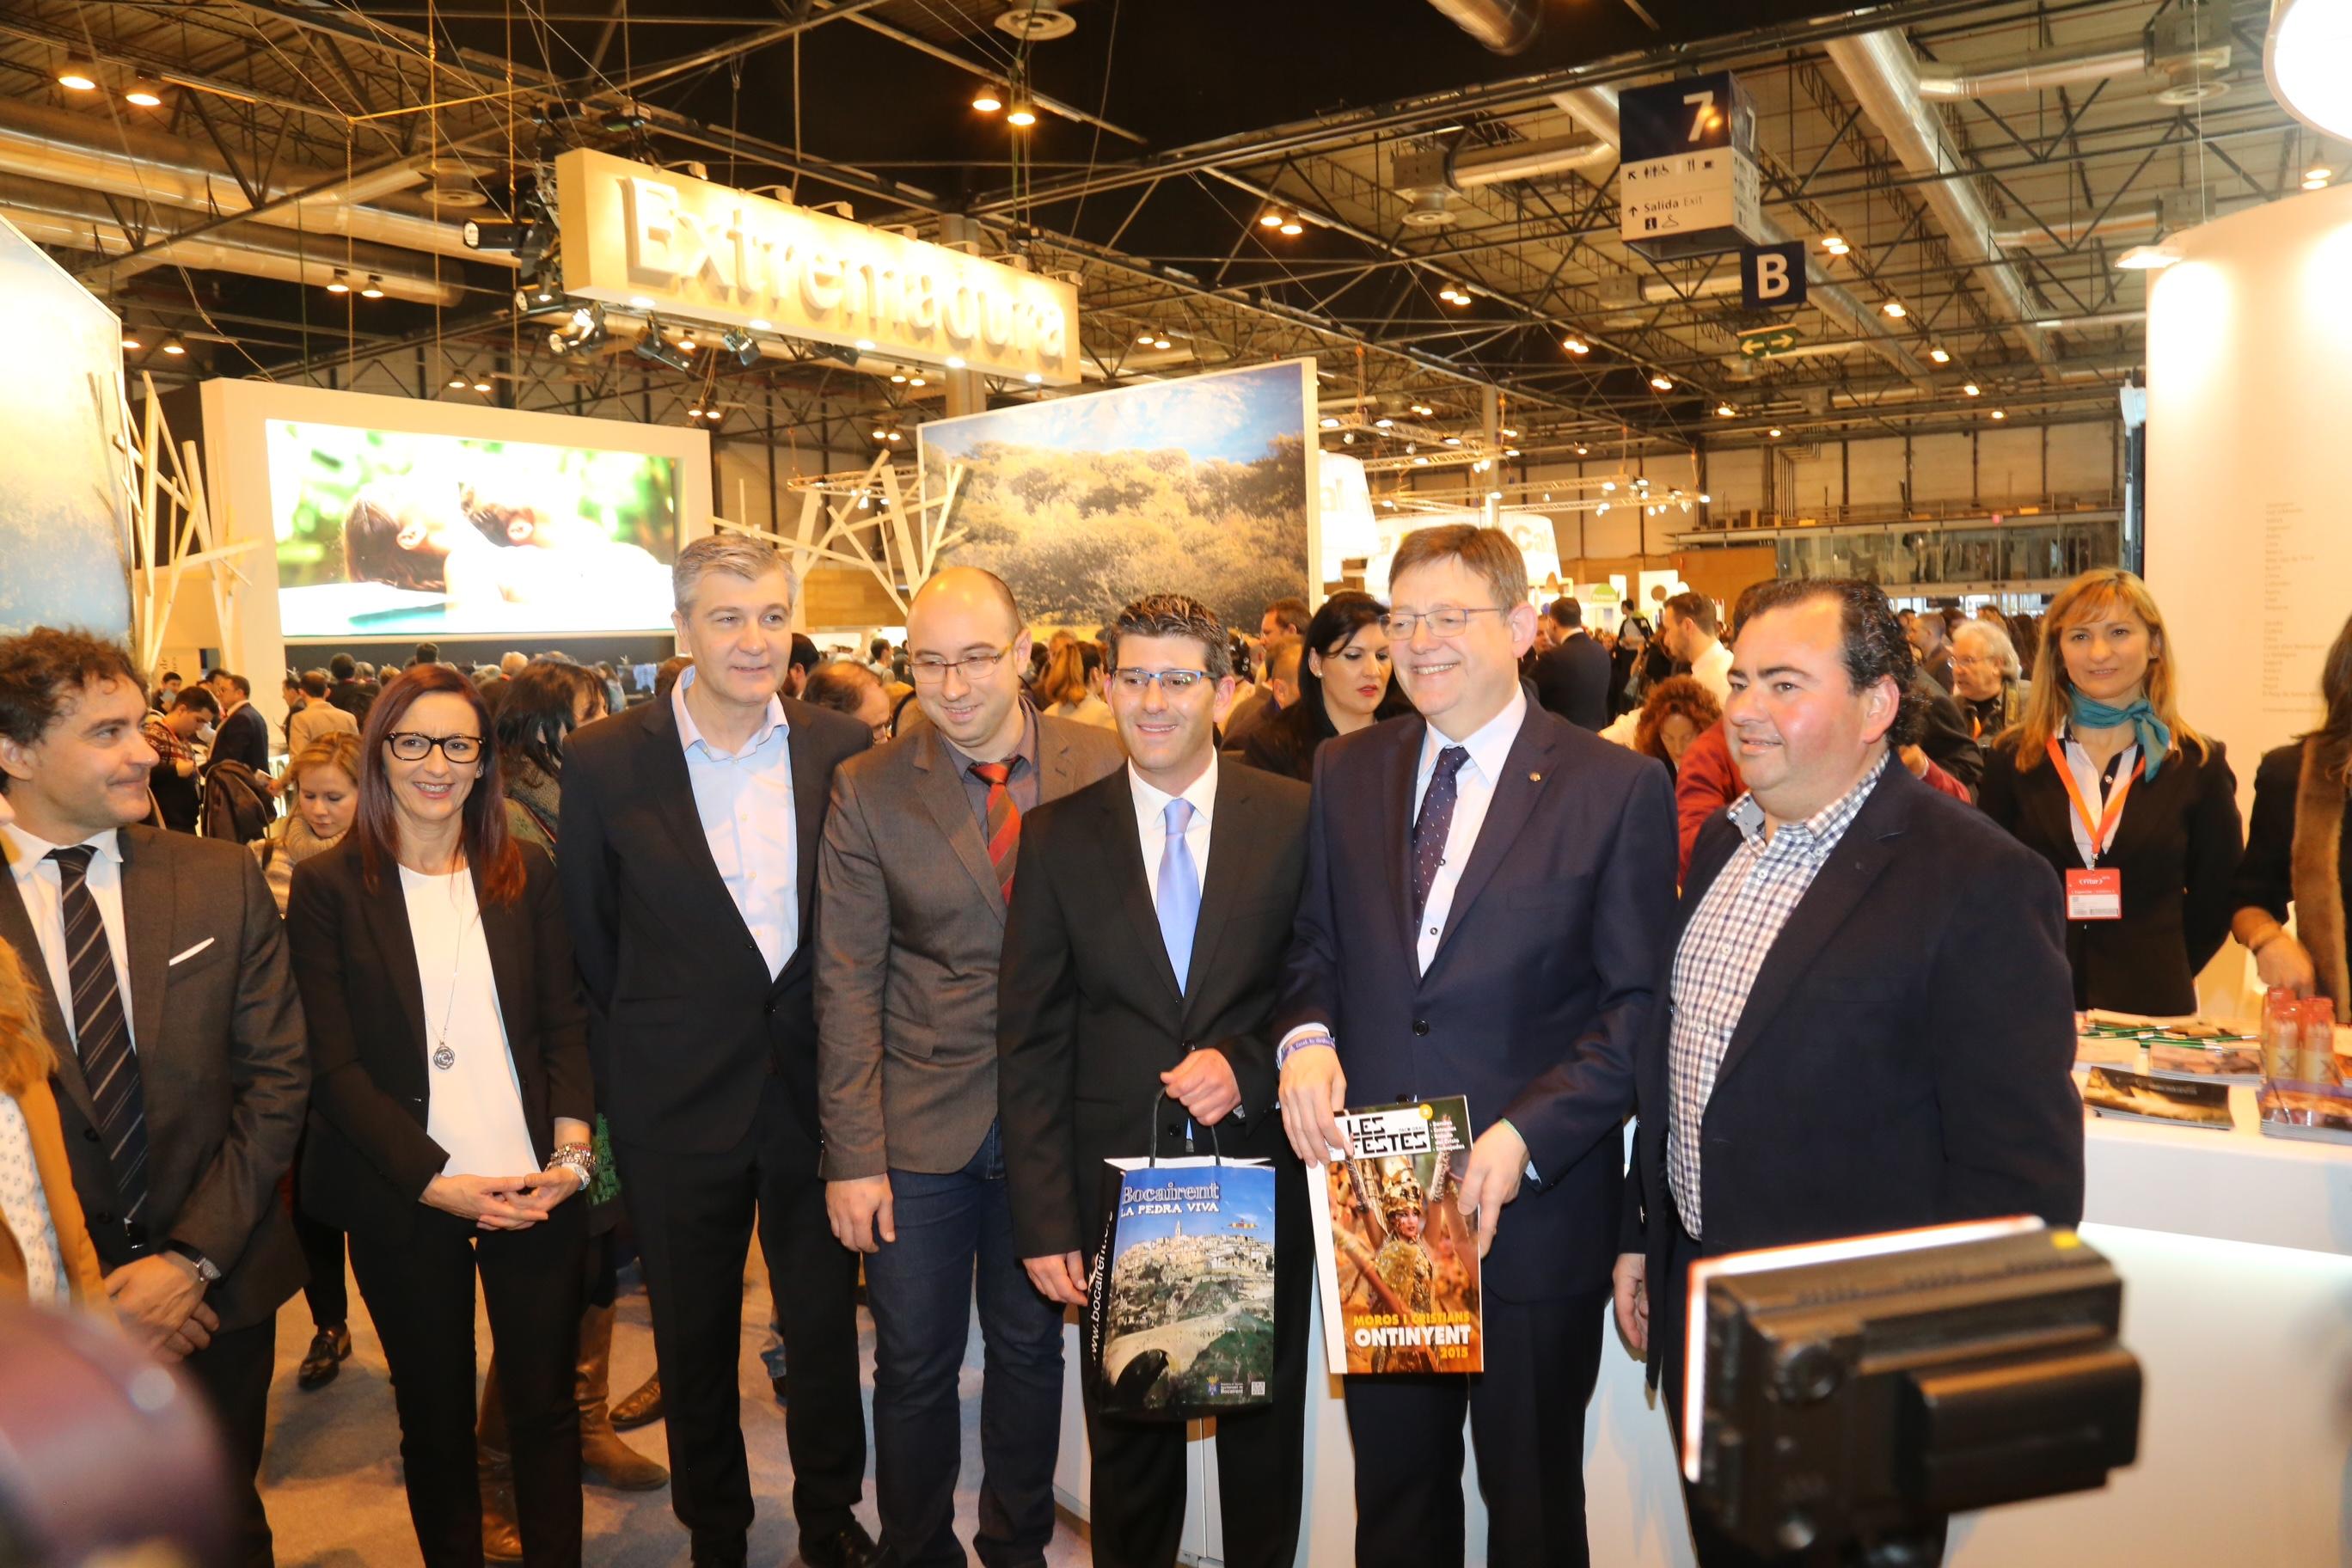 El President de la Generalitat ha estado acompañado por el presidente de la Diputación y por la vicepresidenta del estamento comarcal.